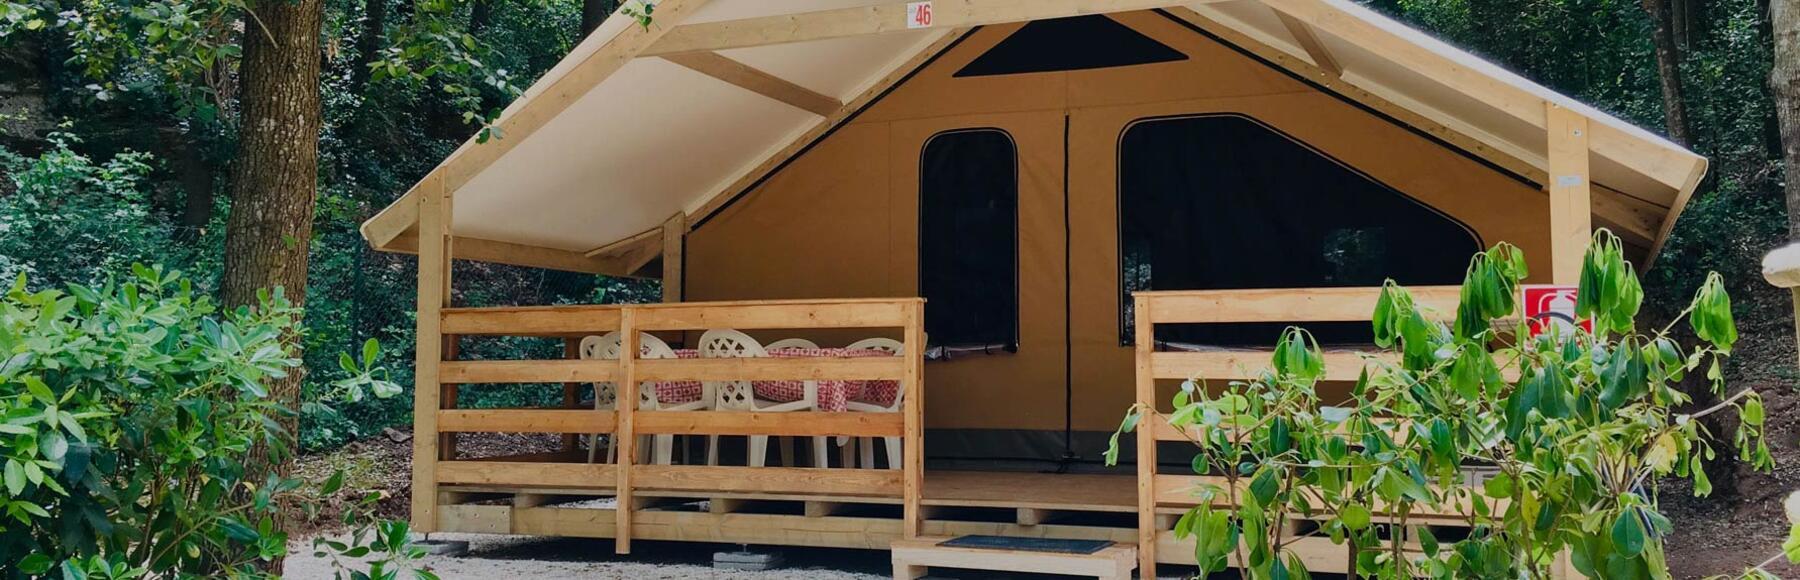 elbadoc-campingvillage it lido 005